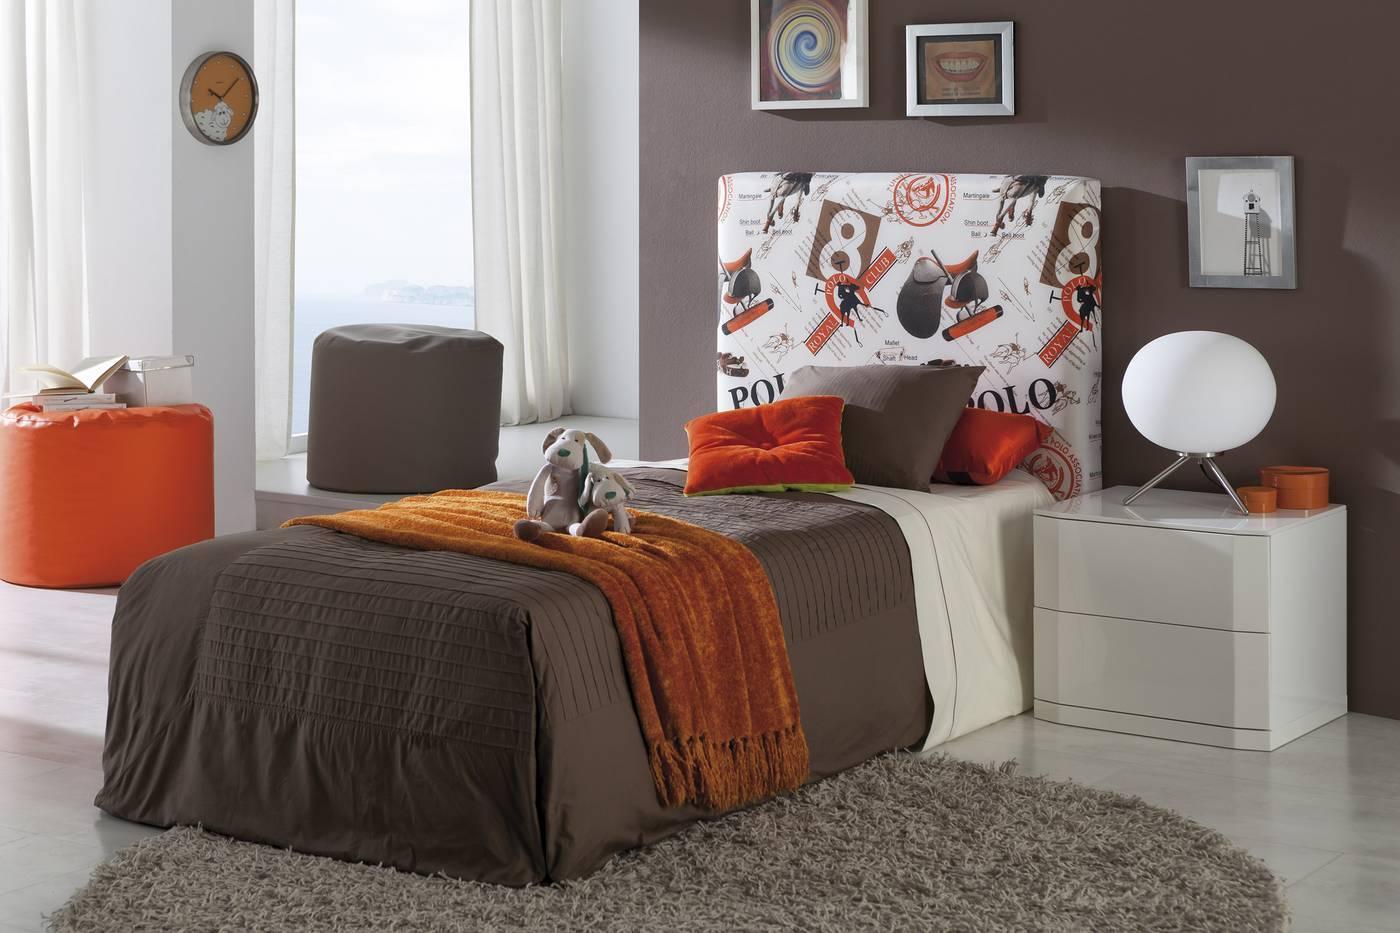 Dise os de cabeceros de dormitorios juveniles casa dise o - Cabeceros de dormitorios ...